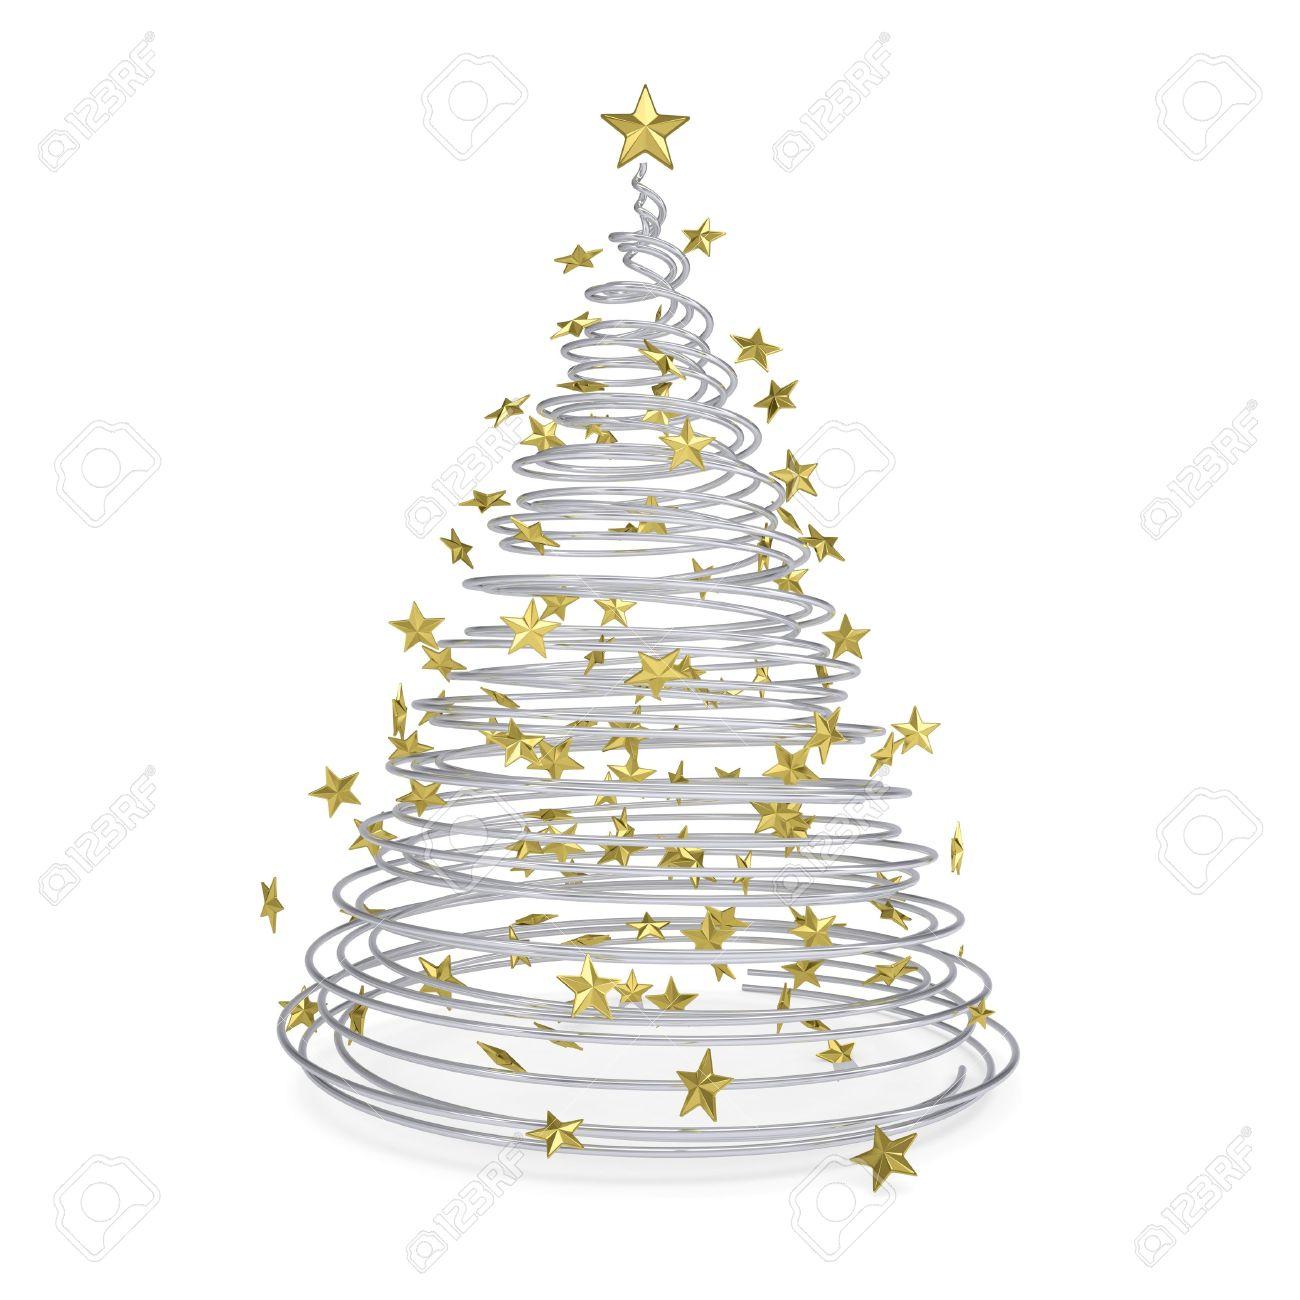 Weihnachtsbaum Metall Spirale.Stock Photo